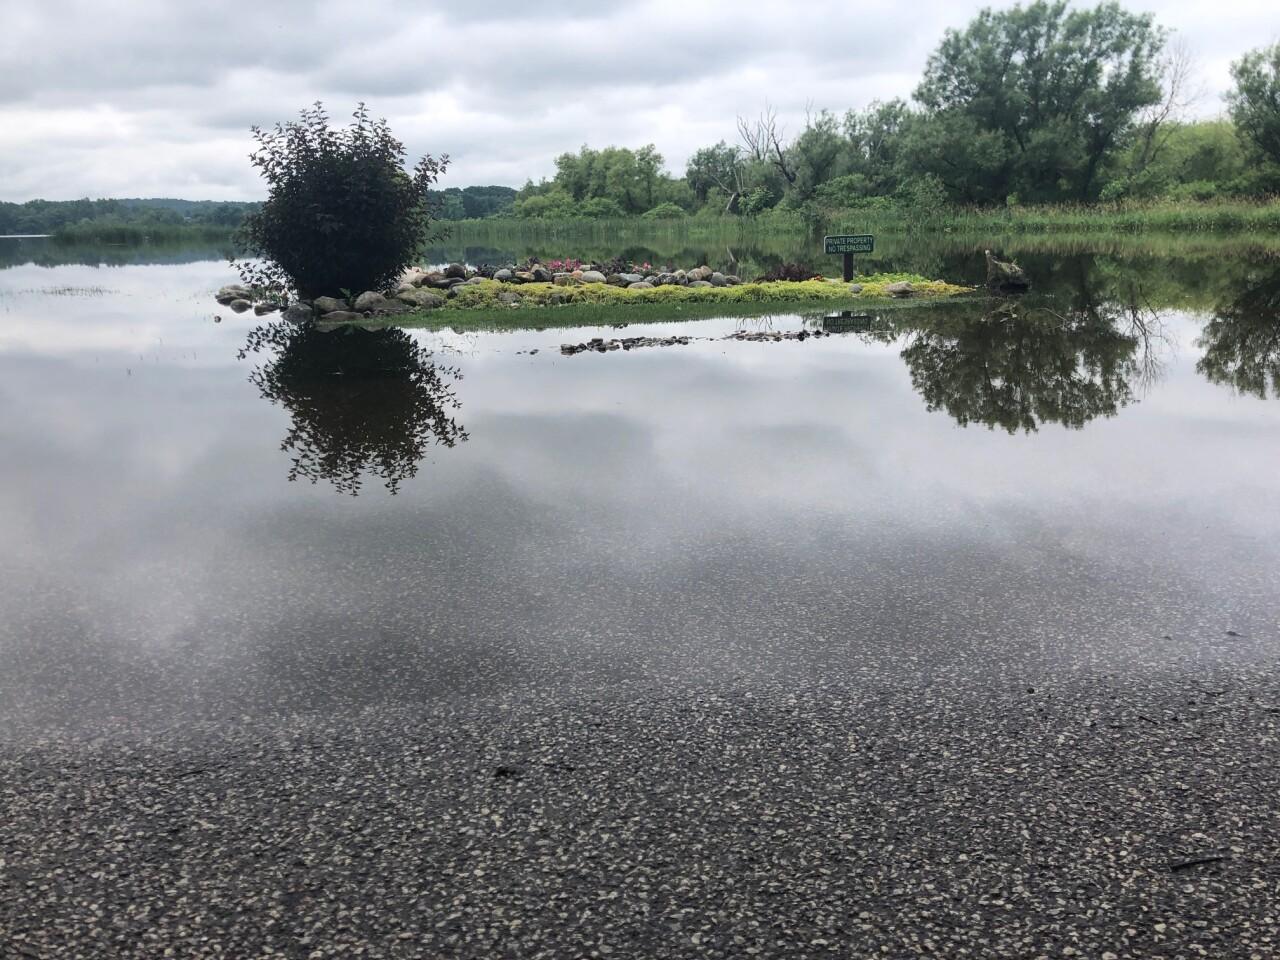 lake chippewa flooding 2